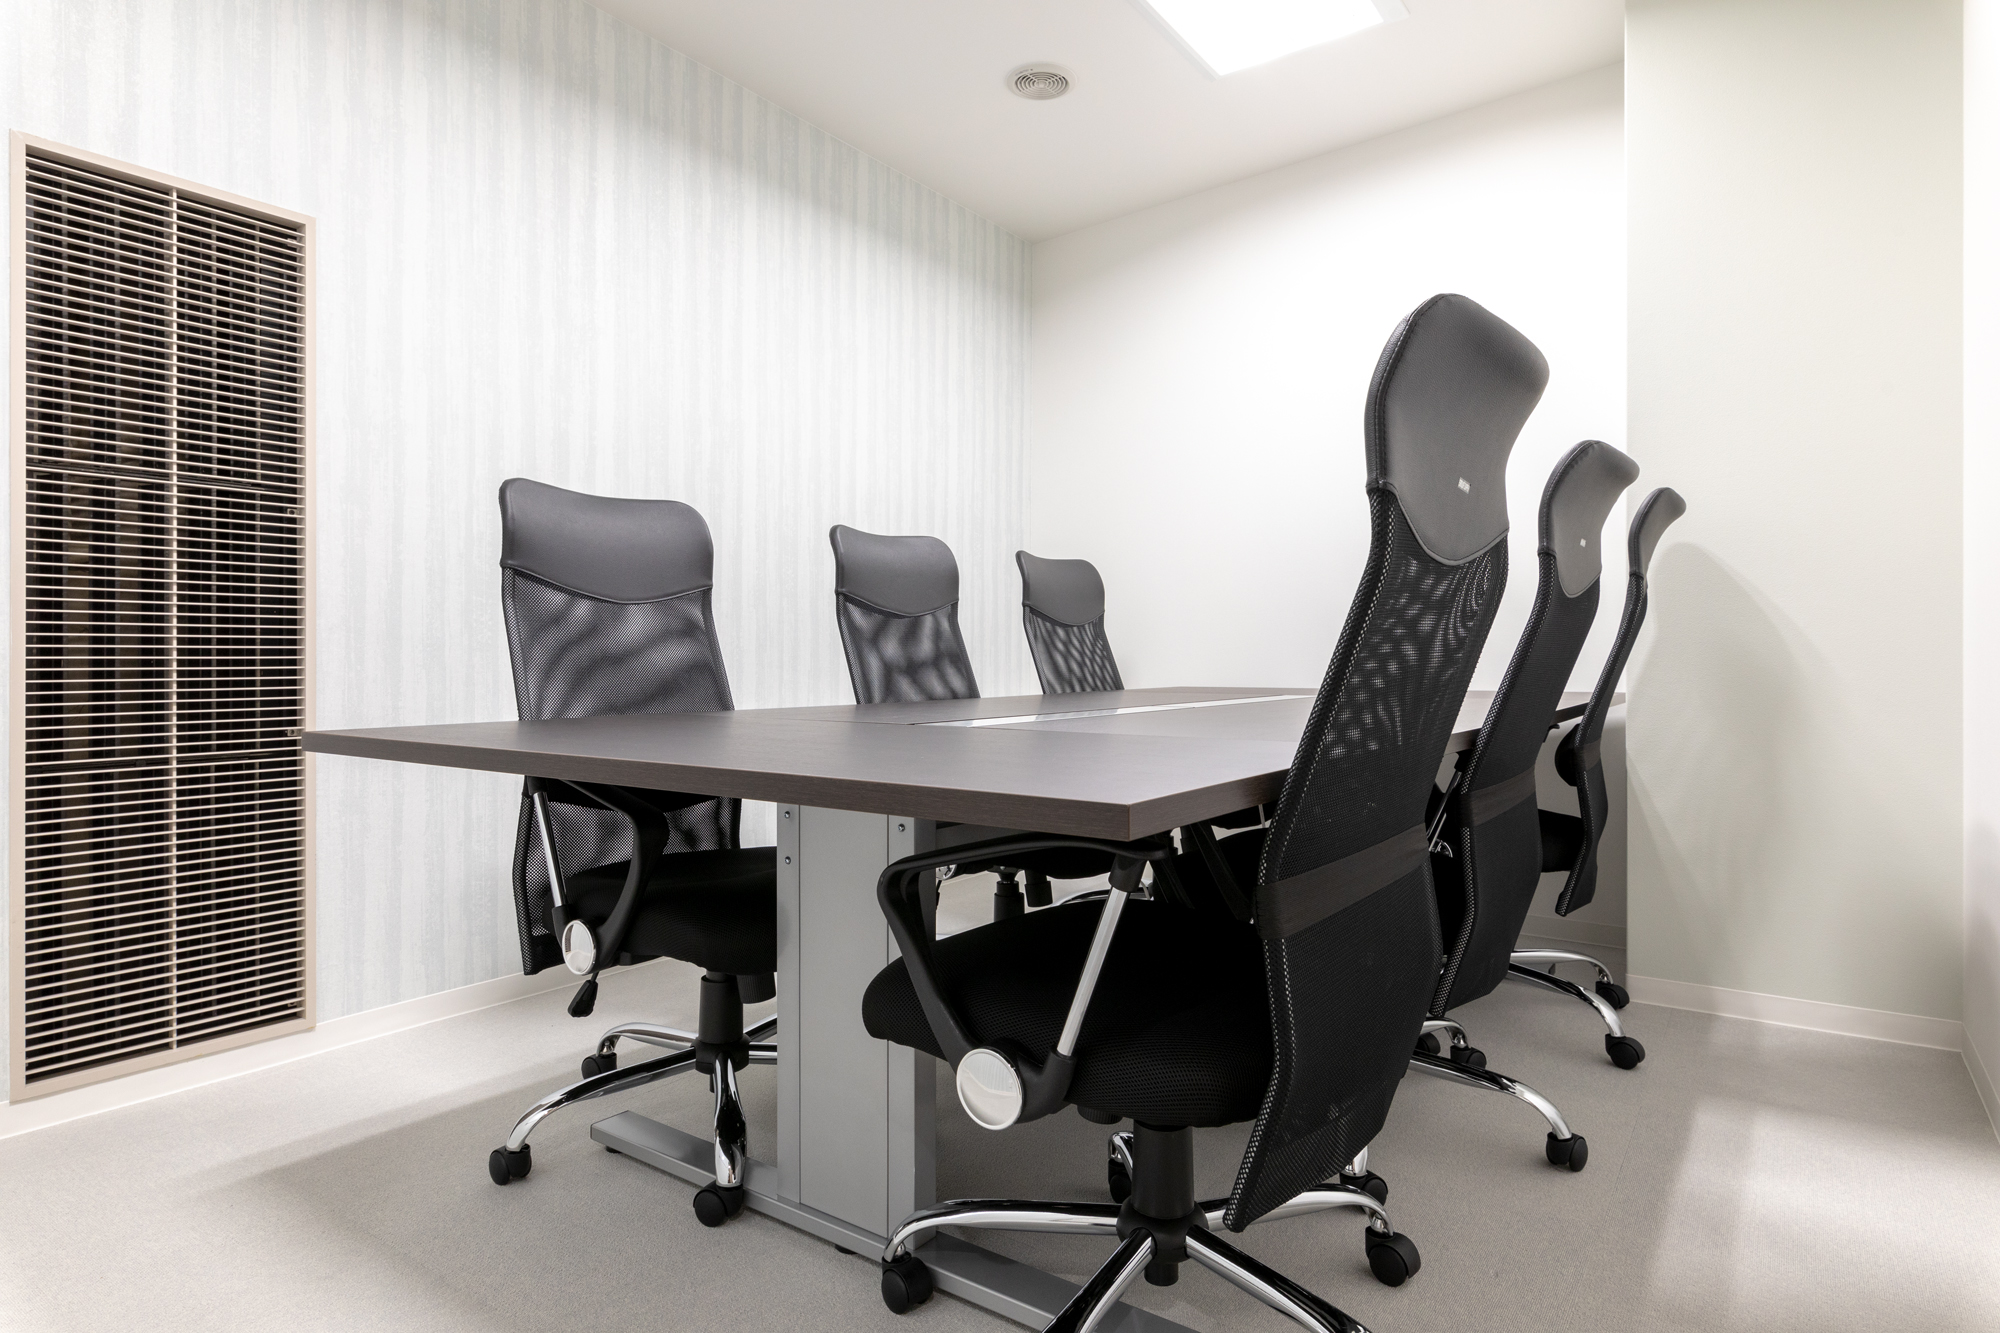 全国45ヵ所にある会議室も利用できます